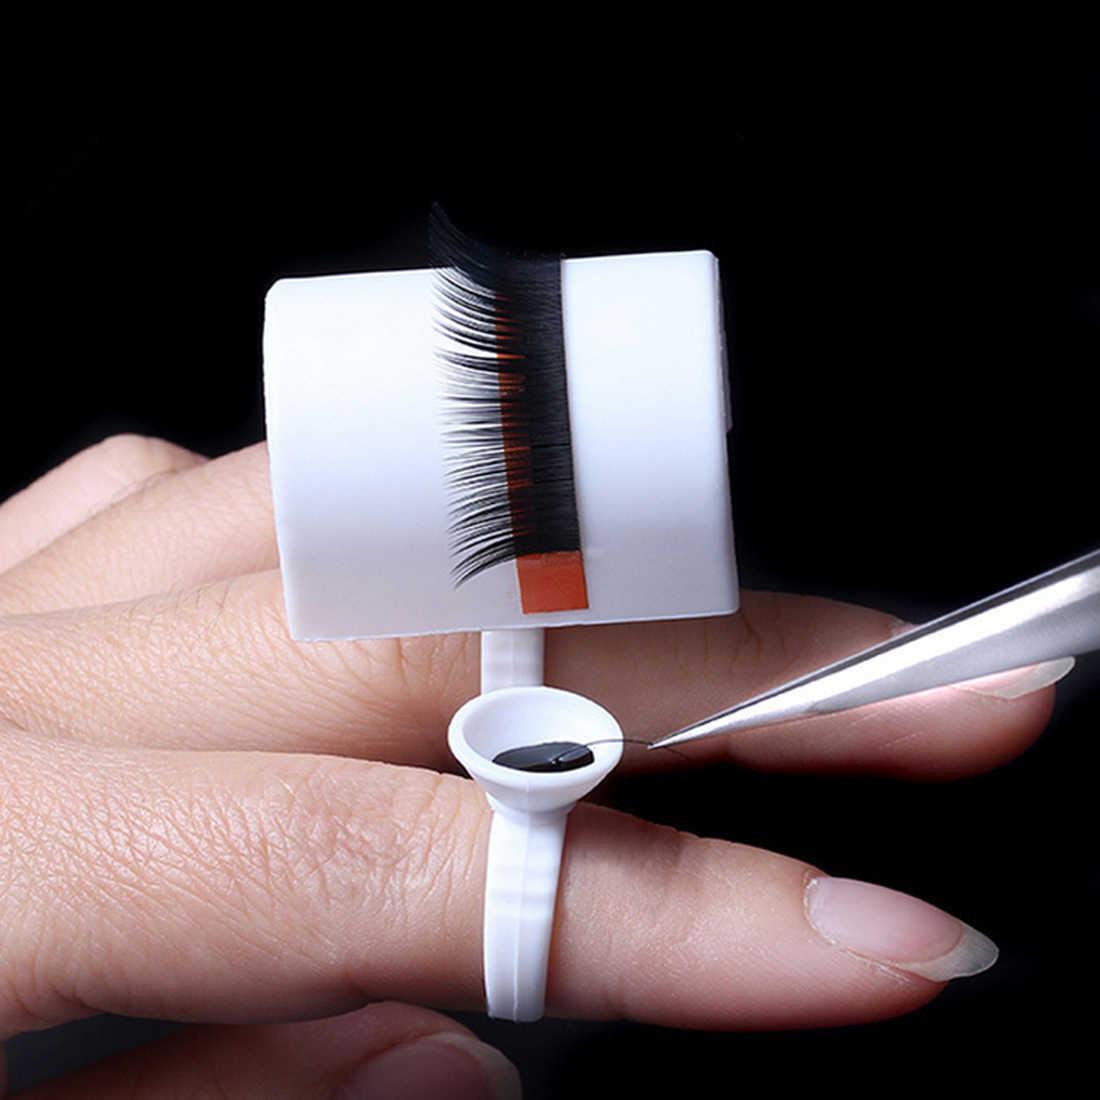 Klej oddzielne Lash makijaż narzędzia 1 PC indywidualne do rzęs w kształcie litery U przedłużanie rzęs klej palec pierścień paleta uchwyt pierścieniowy